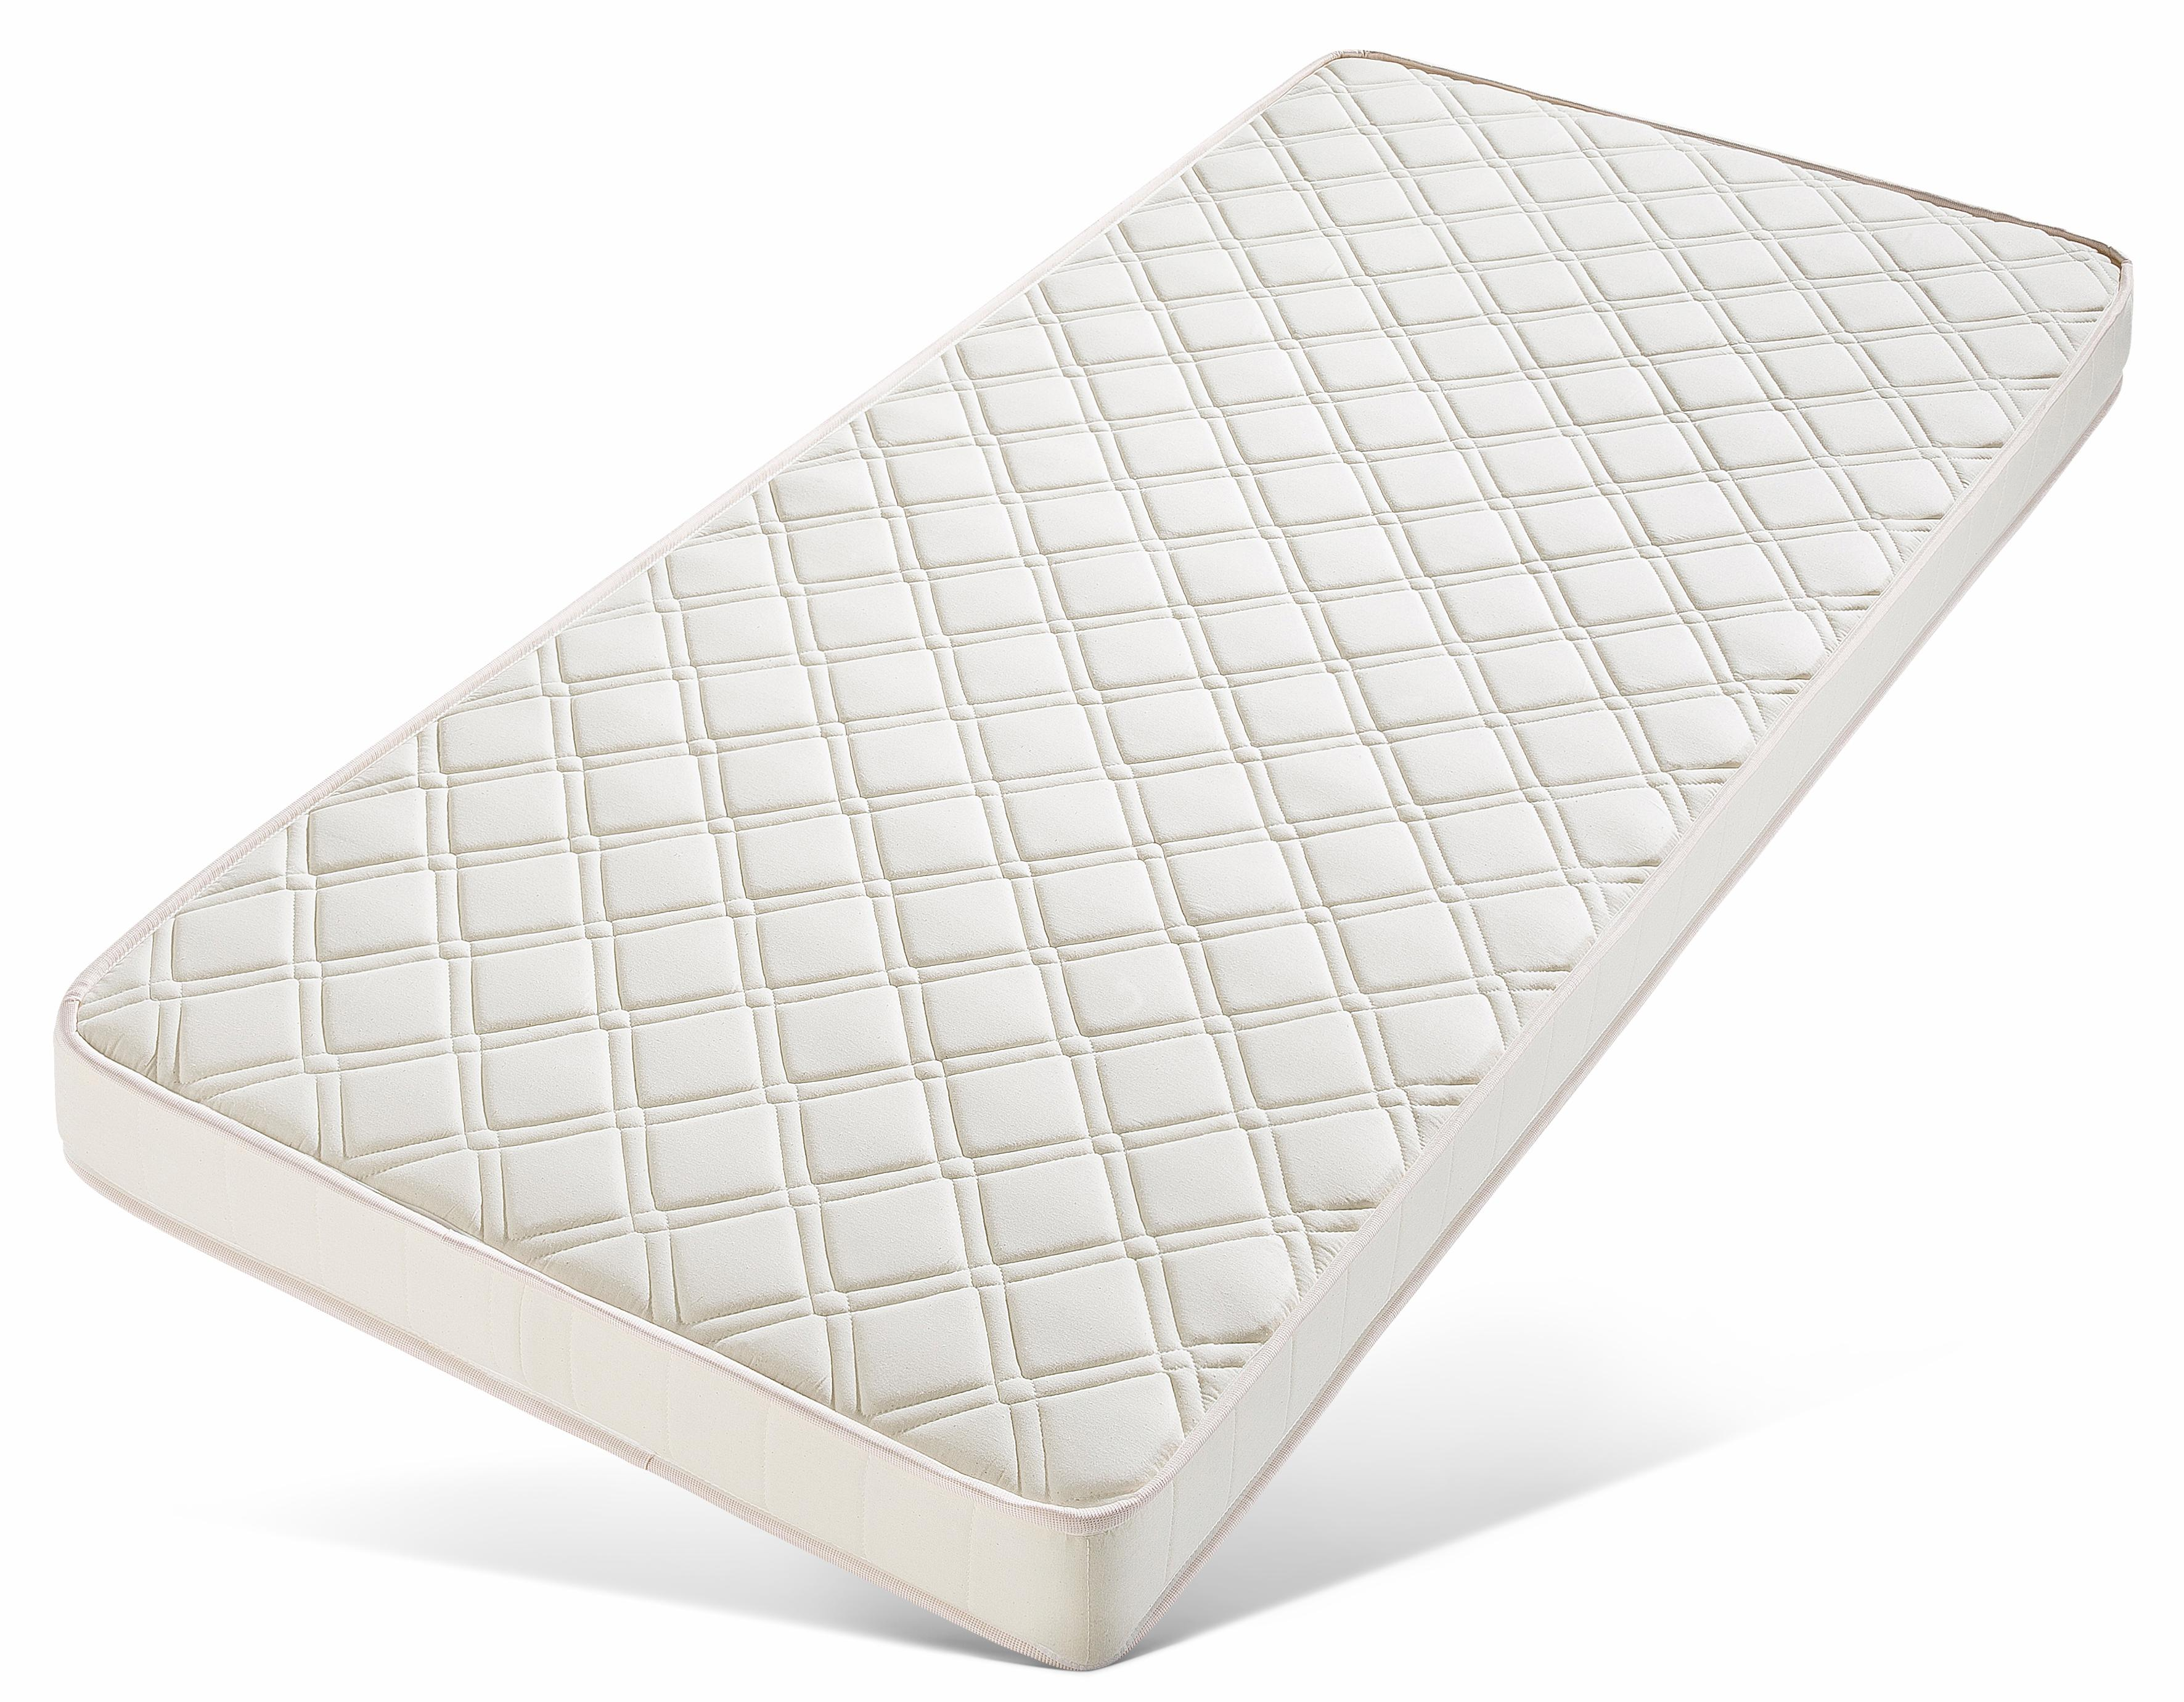 Komfortschaummatratze Basic Einsteiger Traumecht 13 cm hoch